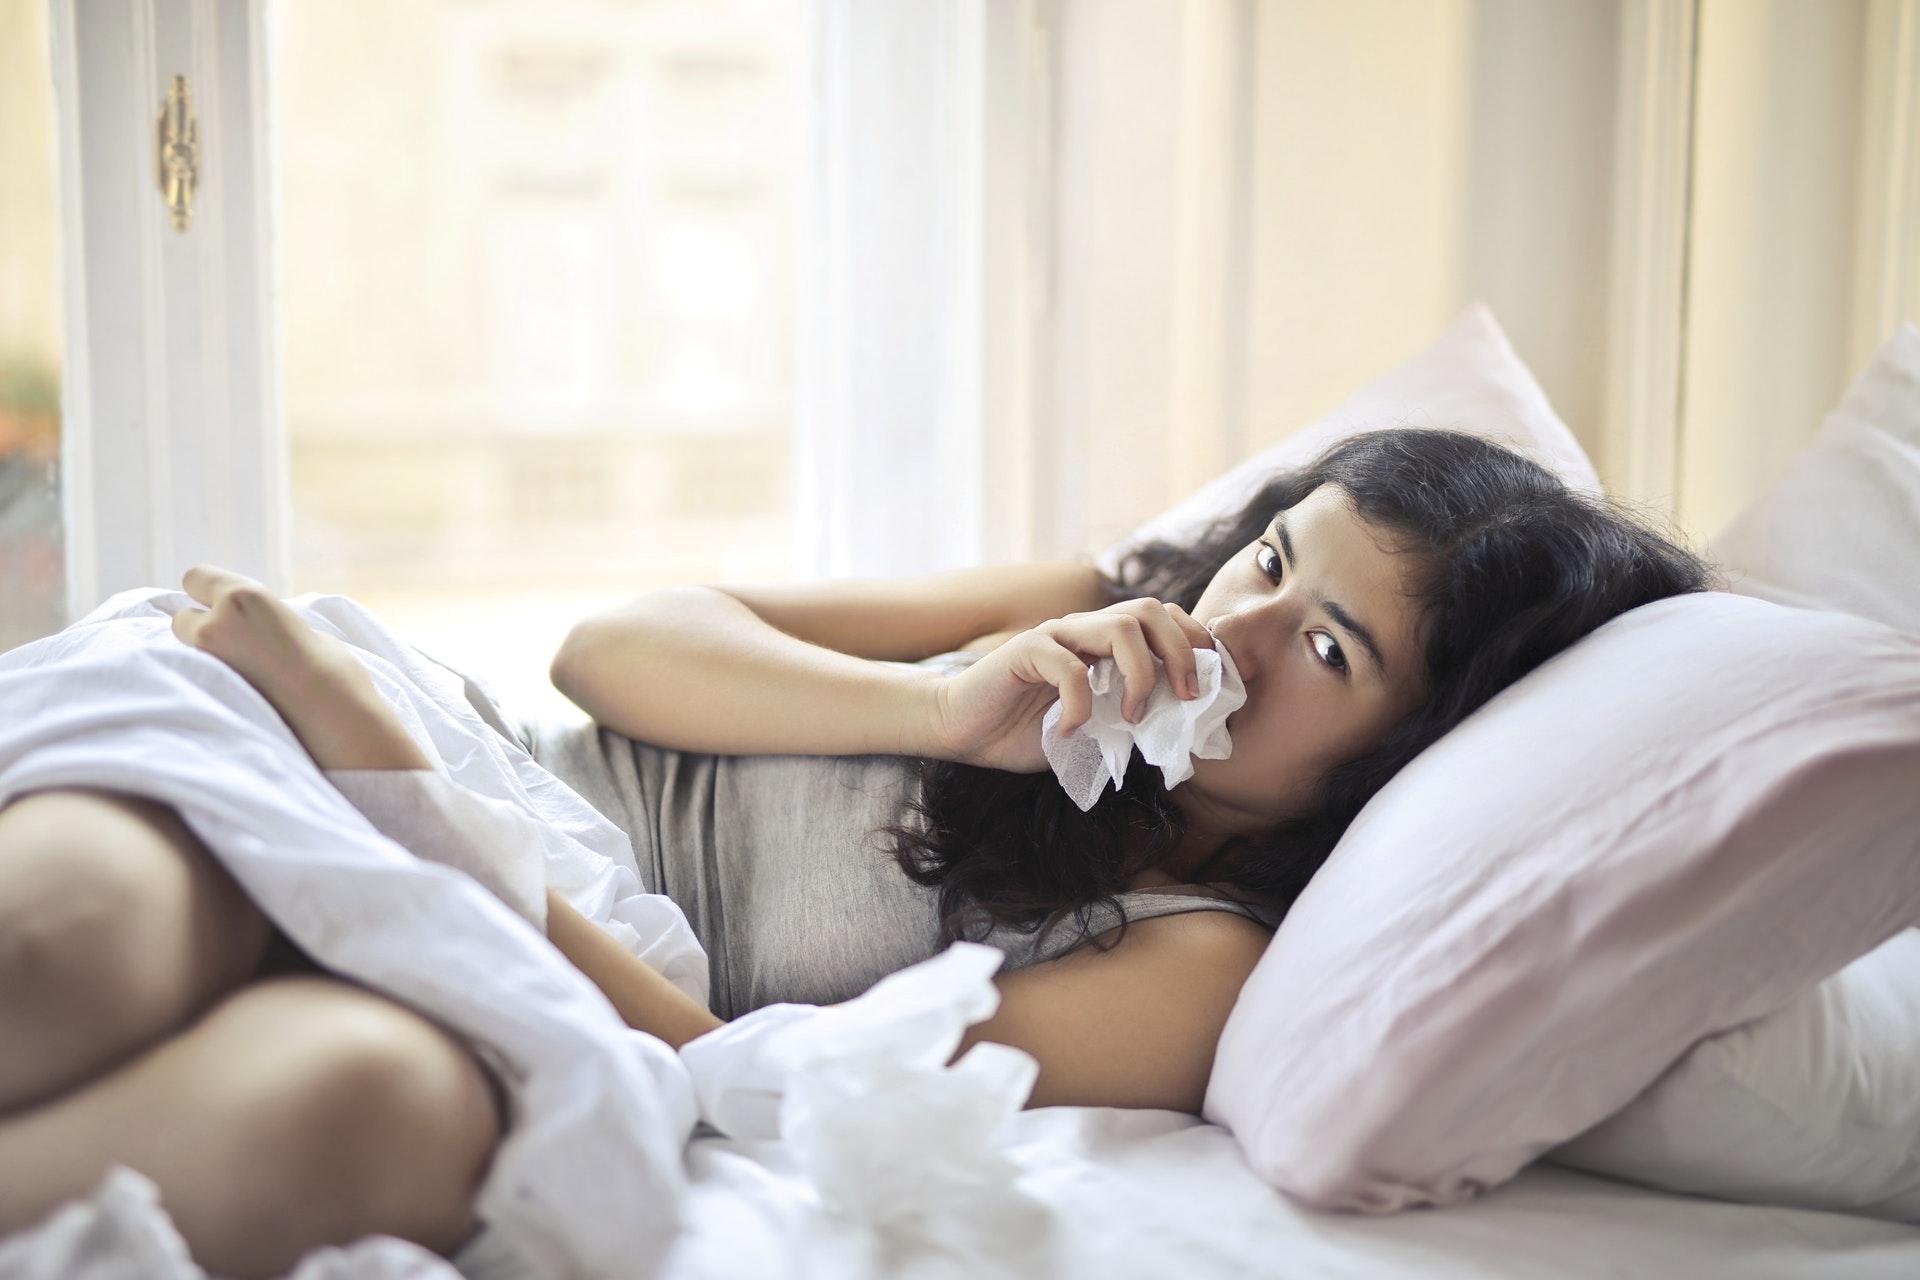 Врач Елена Колесникова сообщила о последствиях одновременного переноса гриппа и COVID-19